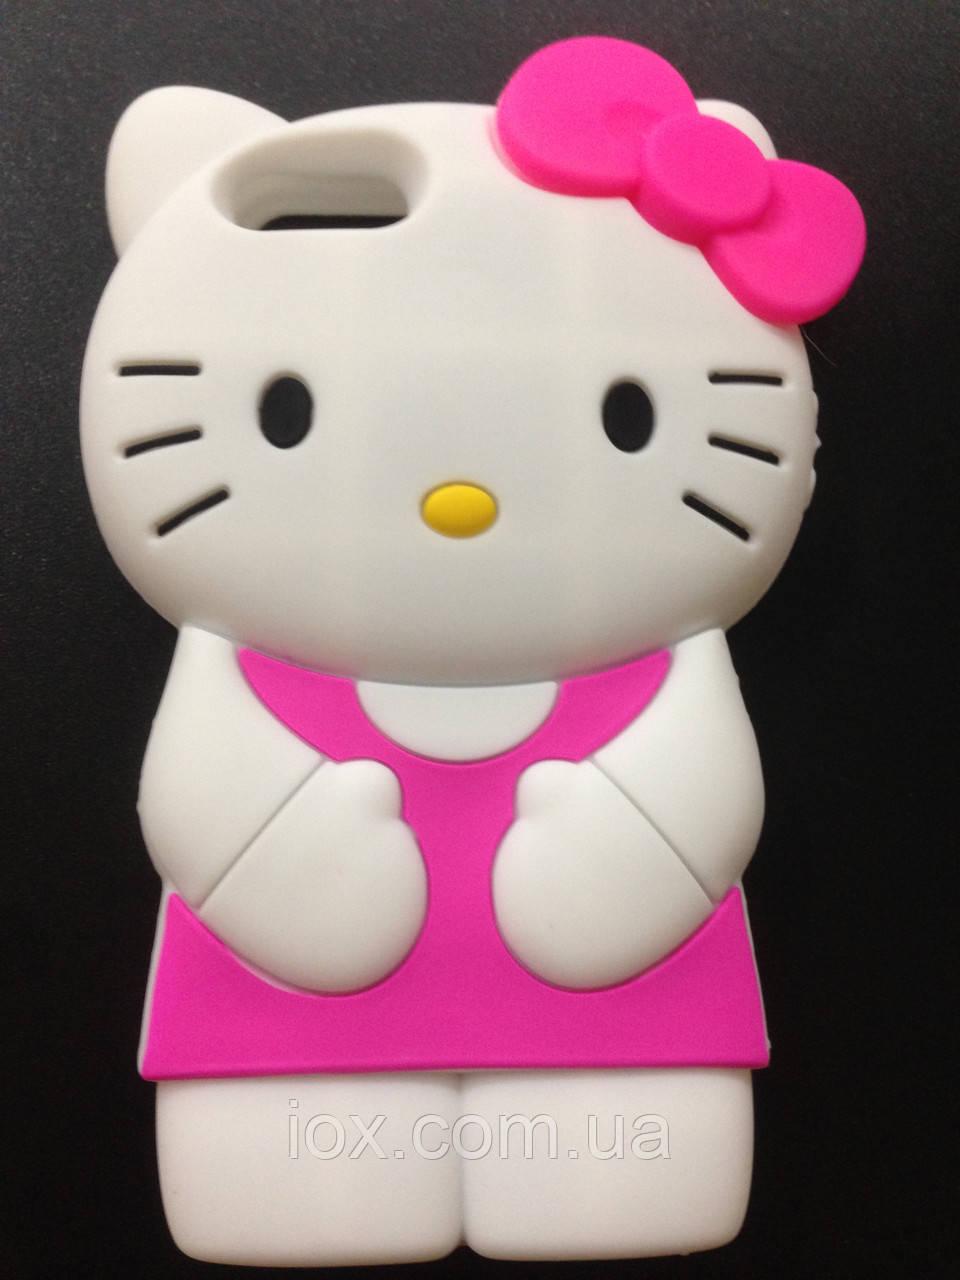 """Силиконовый чехол """"Kitty"""" розовый для Iphone 5G/5GS"""